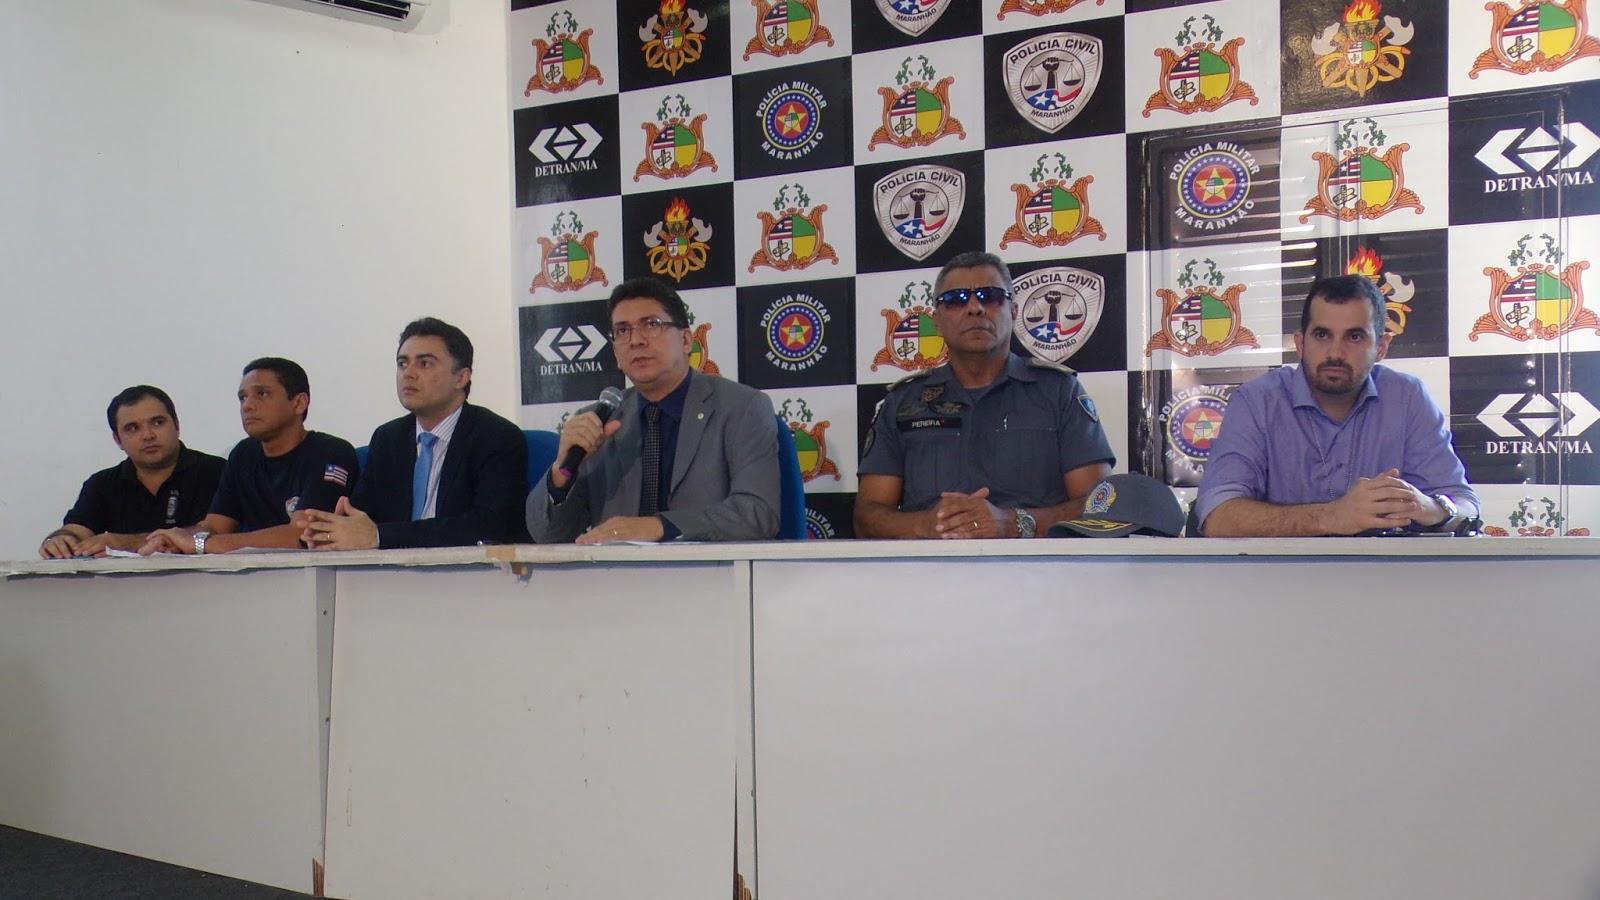 Polícia Civil do Maranhão prende quadrilha de traficantes e apreende 300 kg de maconha em Peritoró-MA